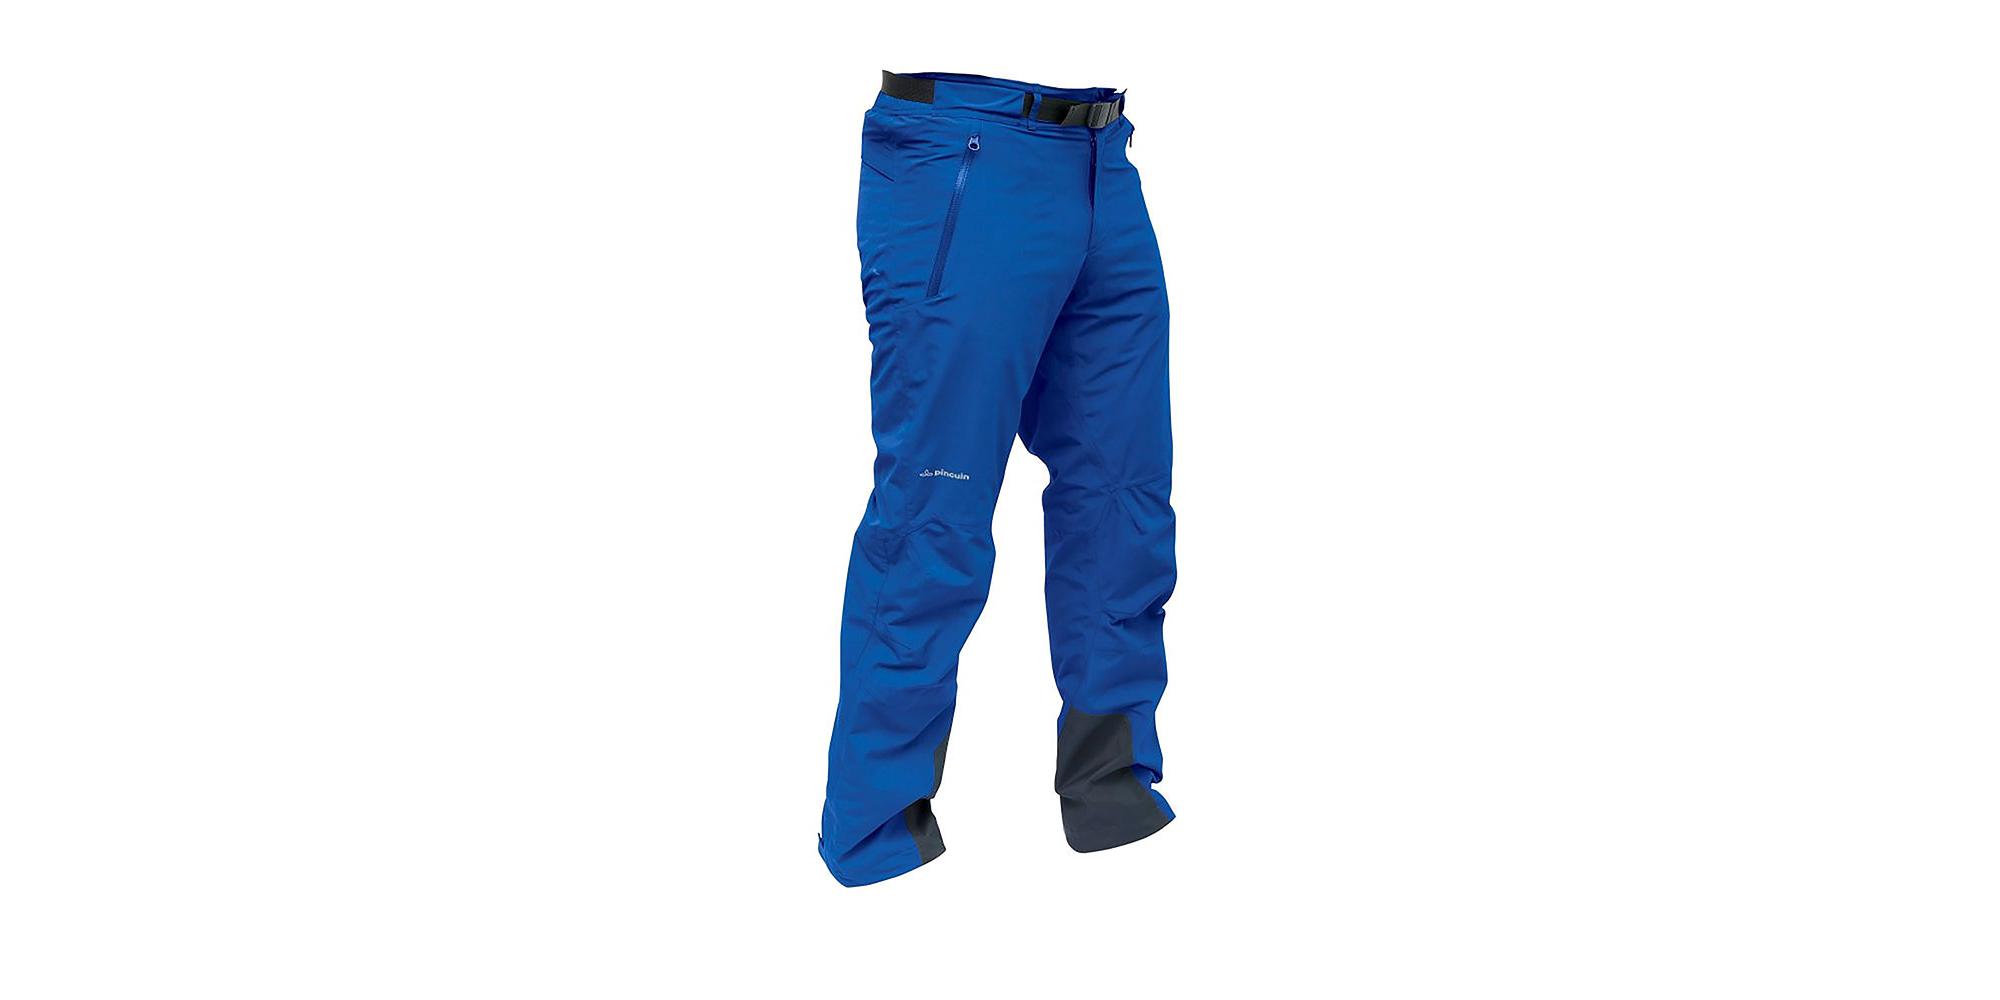 Kalhoty Alpin S značky Pinguin